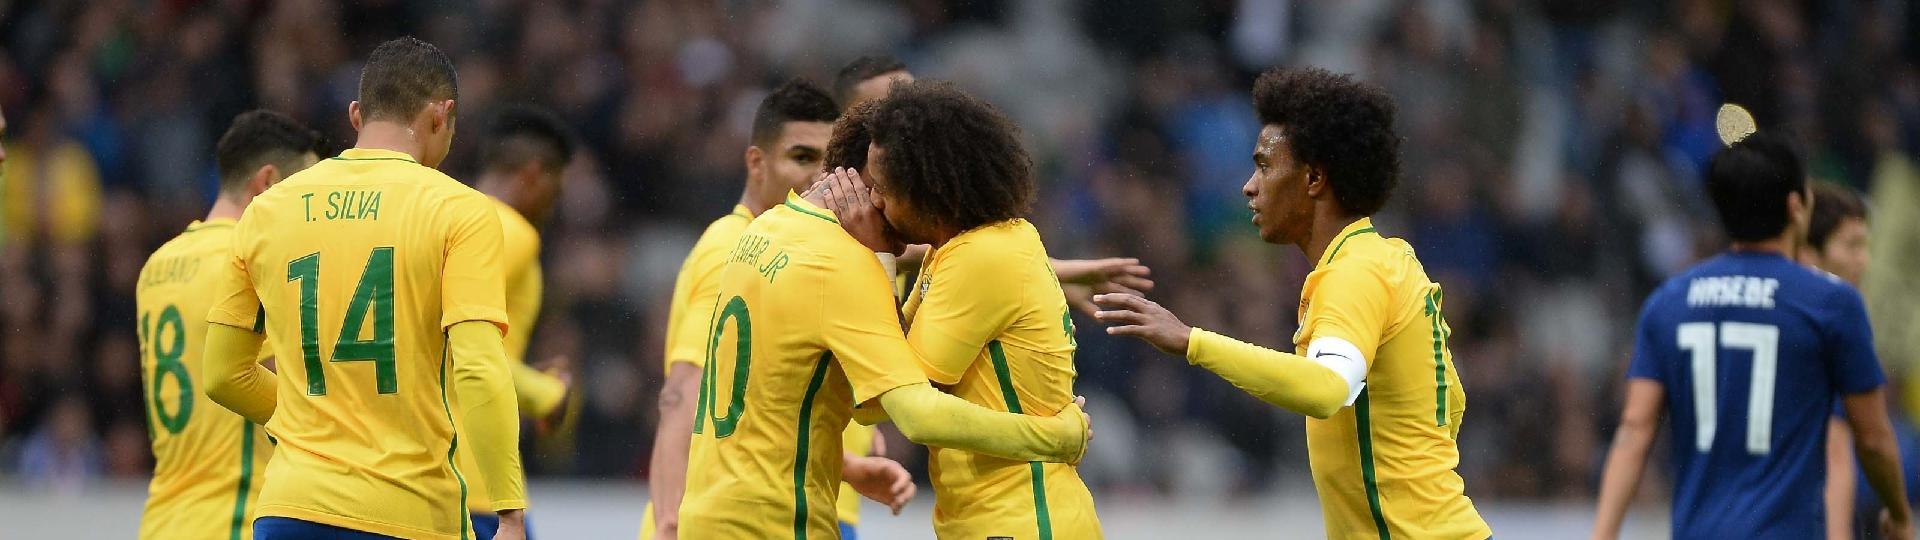 Marcelo comemora gol na seleção brasileira ao lado de Neymar